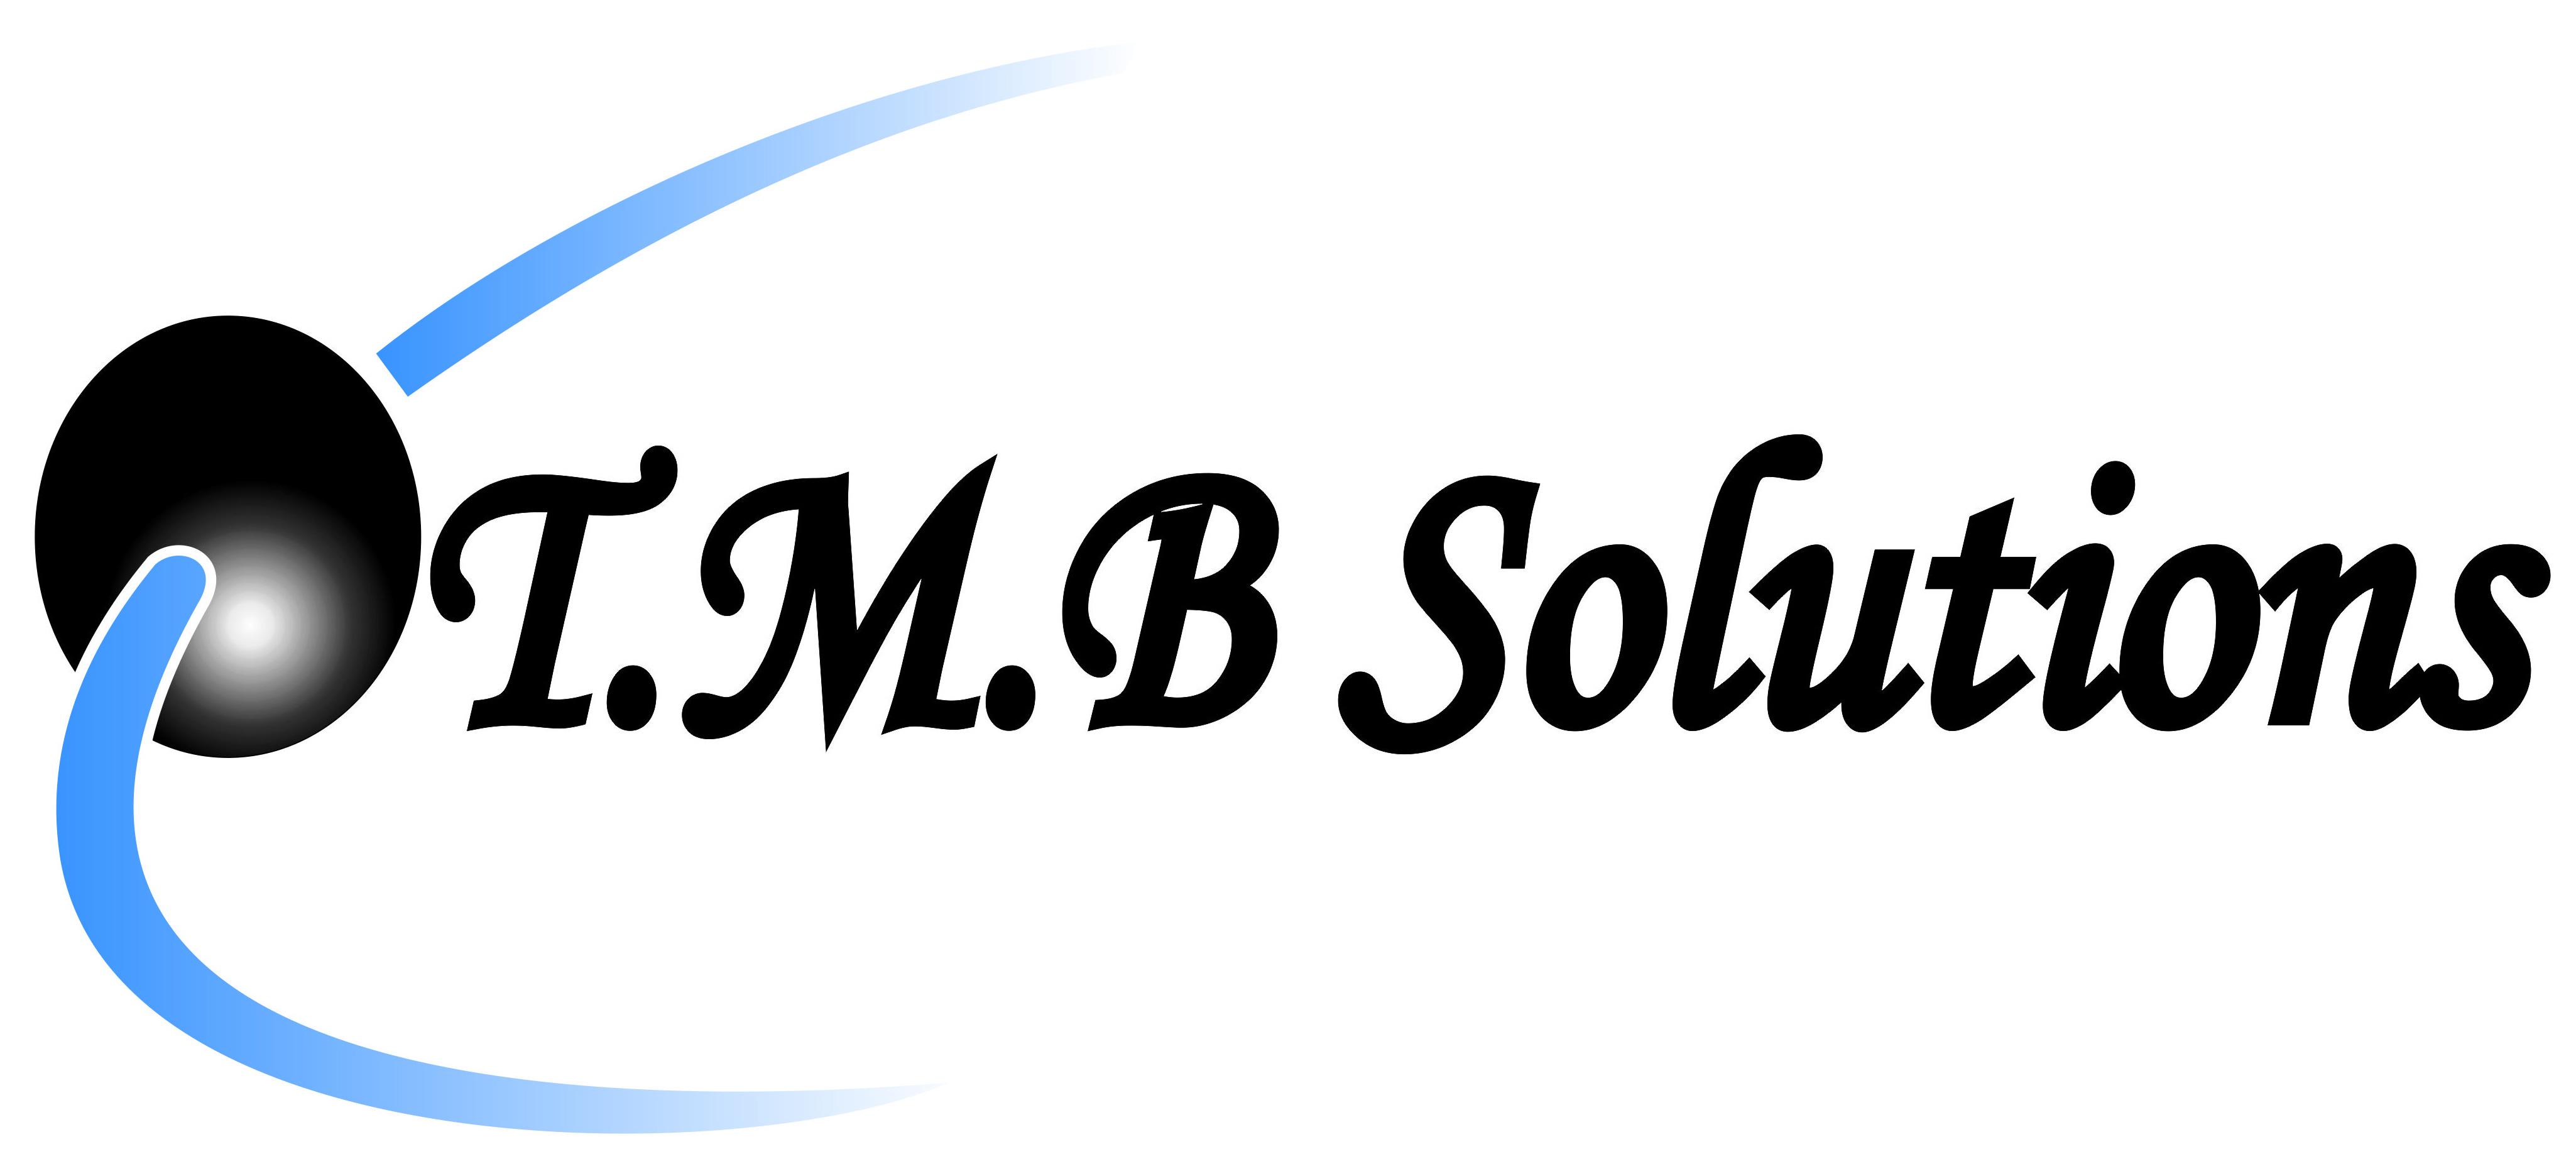 TMB Solutions cc